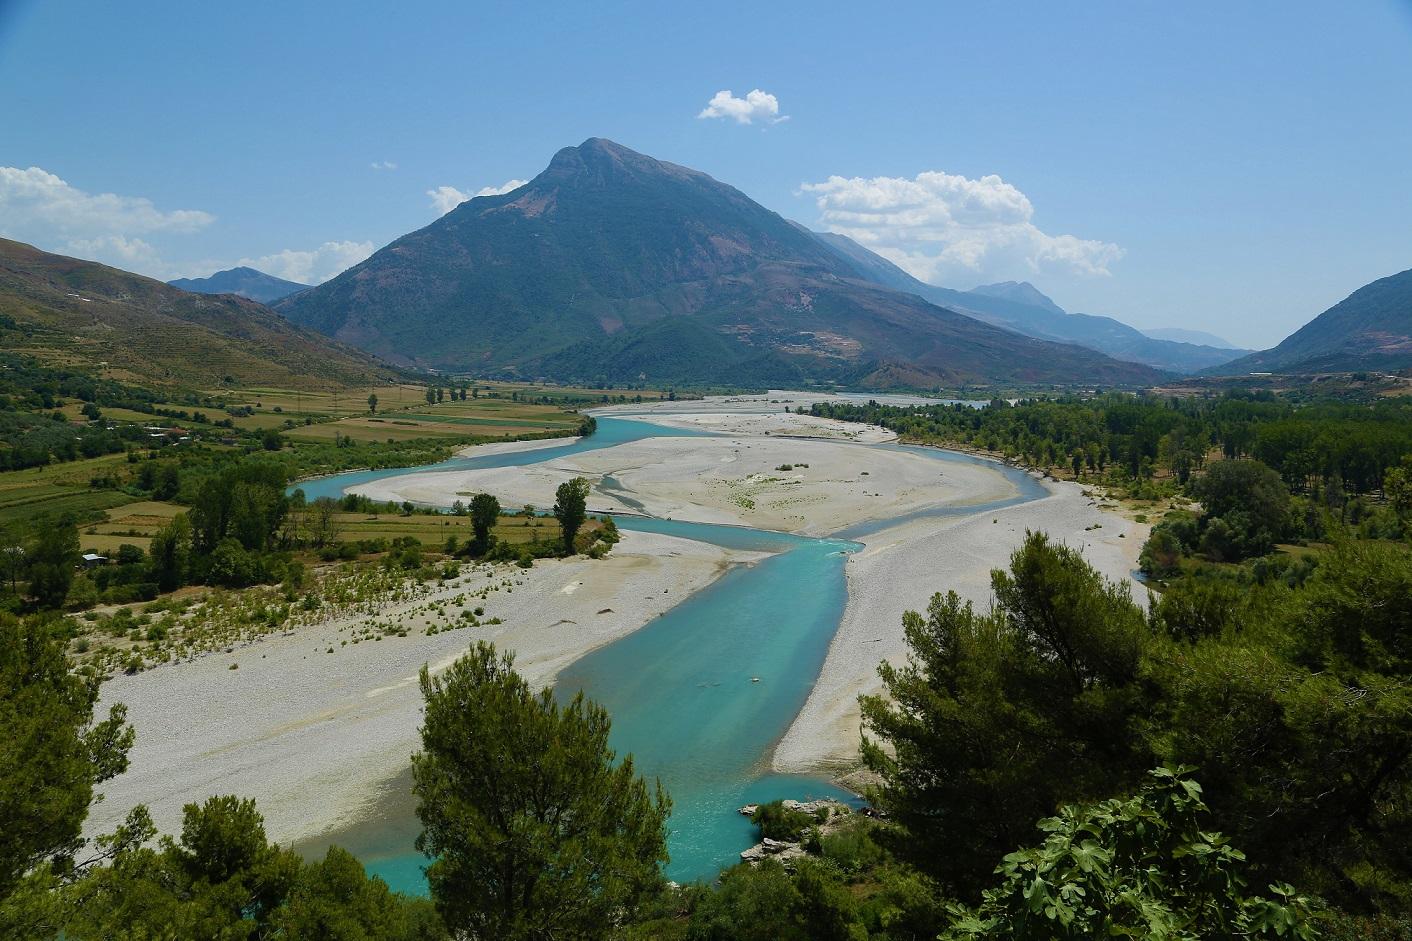 Die Vjosa. Die EU ruft zum Schutz auf, die albanische Regierung will Wasserkraftwerk errichten © Christian Baumgartner/Nationalpark Donau-Auen